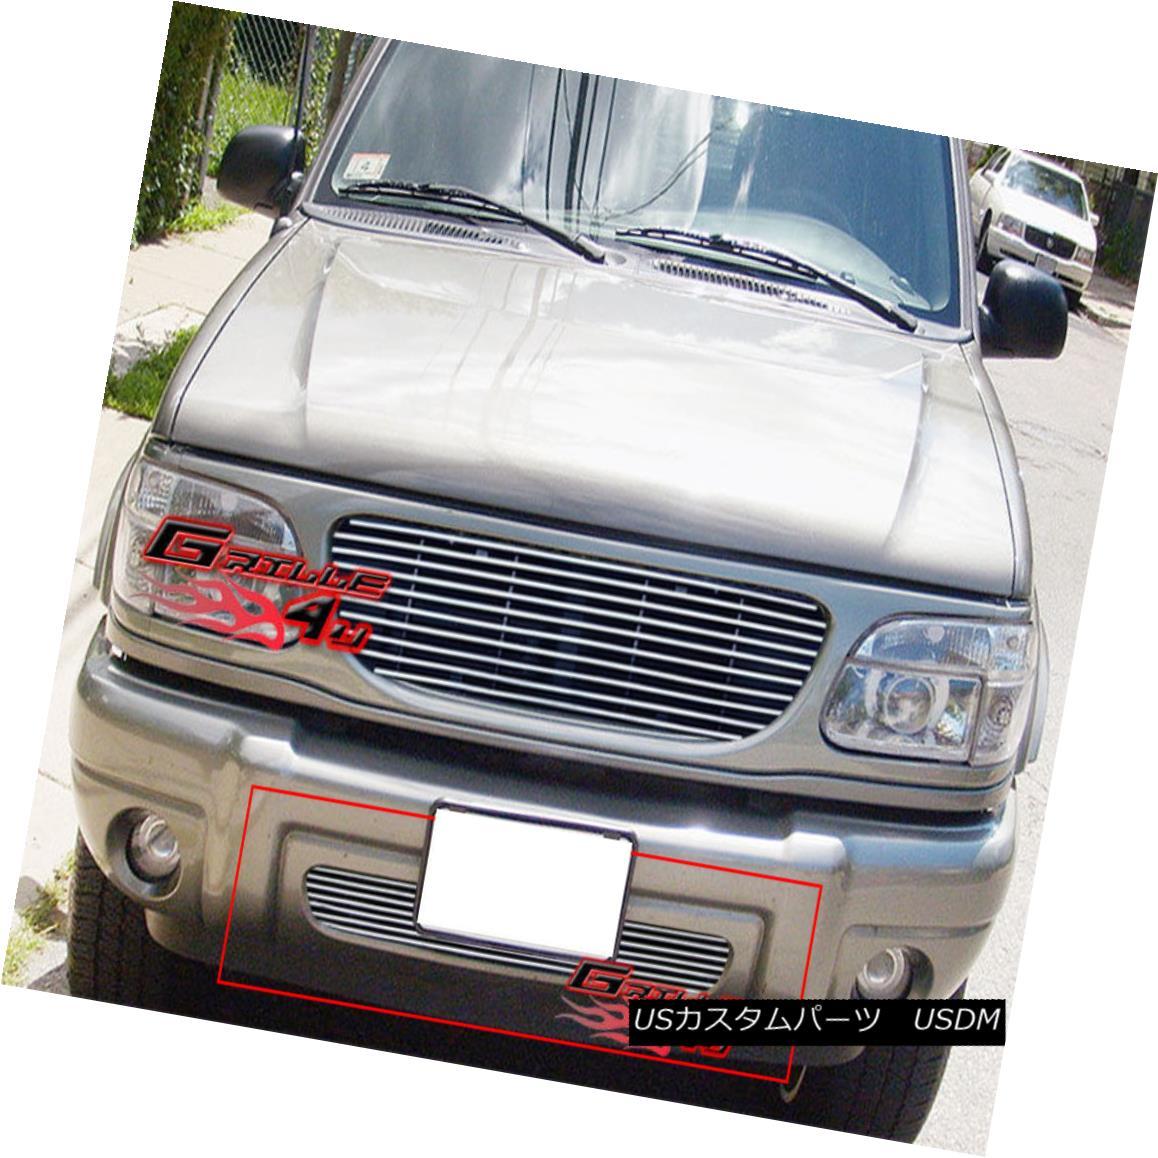 グリル Fits 1999-2001 Ford Explorer Lower Bumper Billet Grille Insert フィット1999-2001フォードエクスプローラーロワーバンパービレットグリルインサート